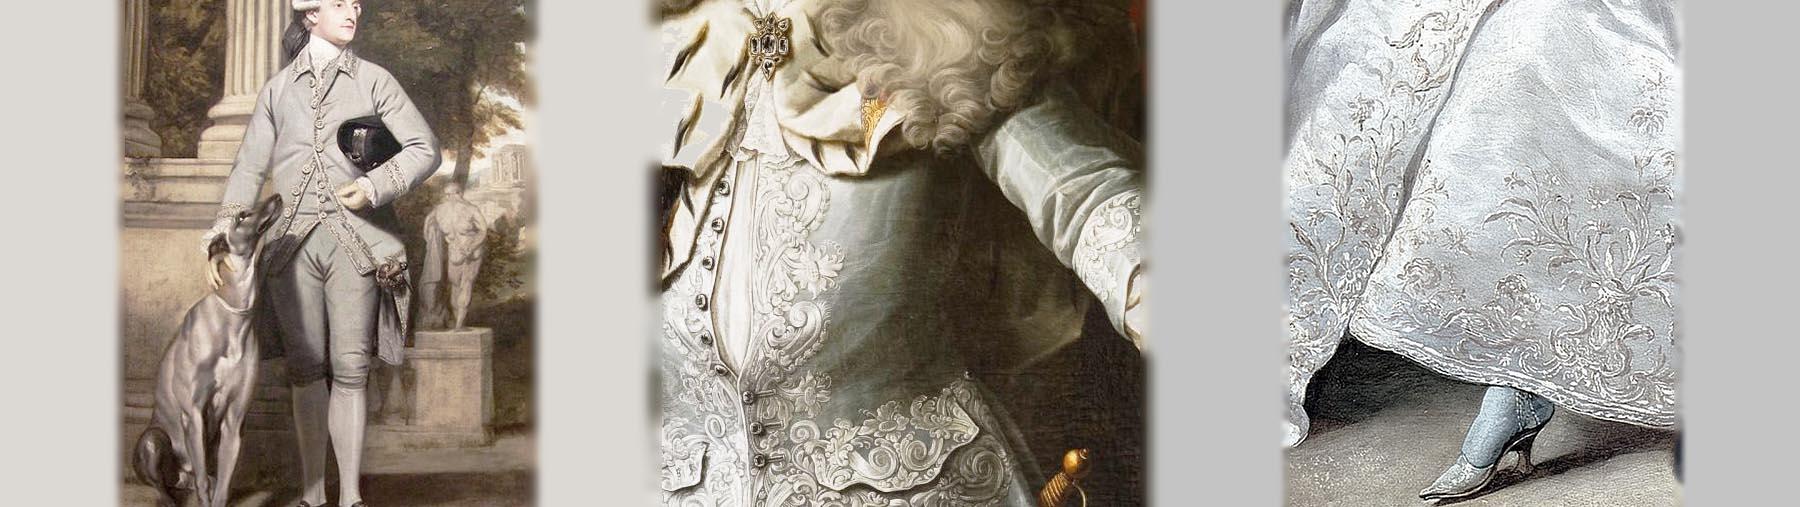 フランス貴族のグレイの装い 犬を連れた男性 宮廷貴族の刺繍の上着 貴婦人のグレイと白の刺繍入りドレスと揃いの靴